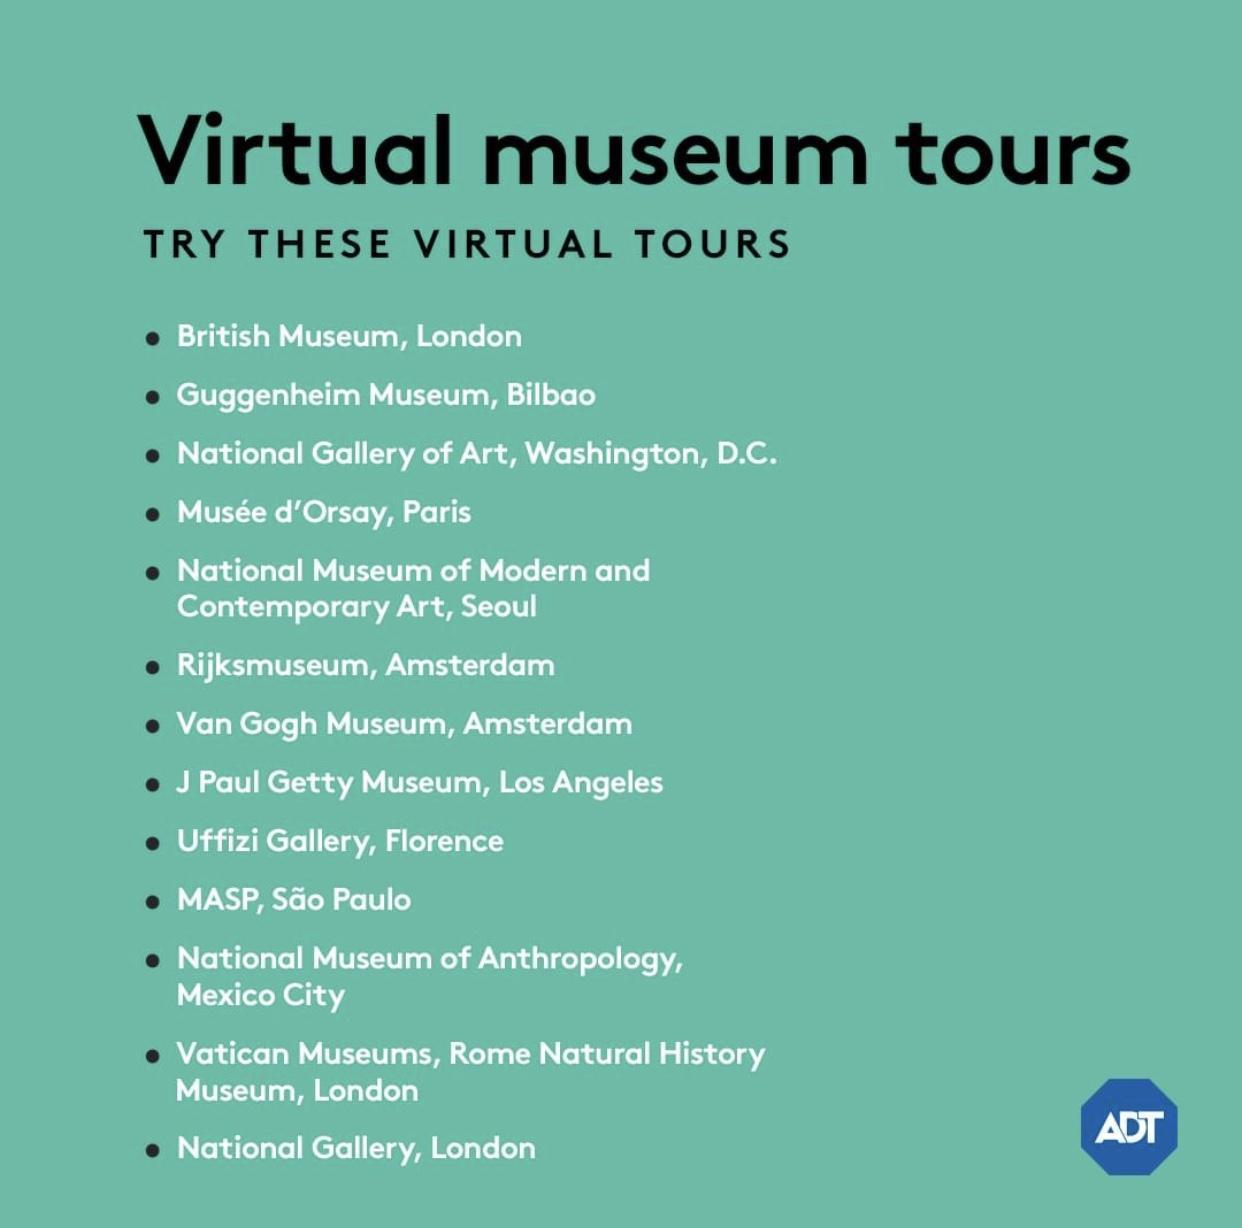 VISIT AN ART MUSEUM ONLINE